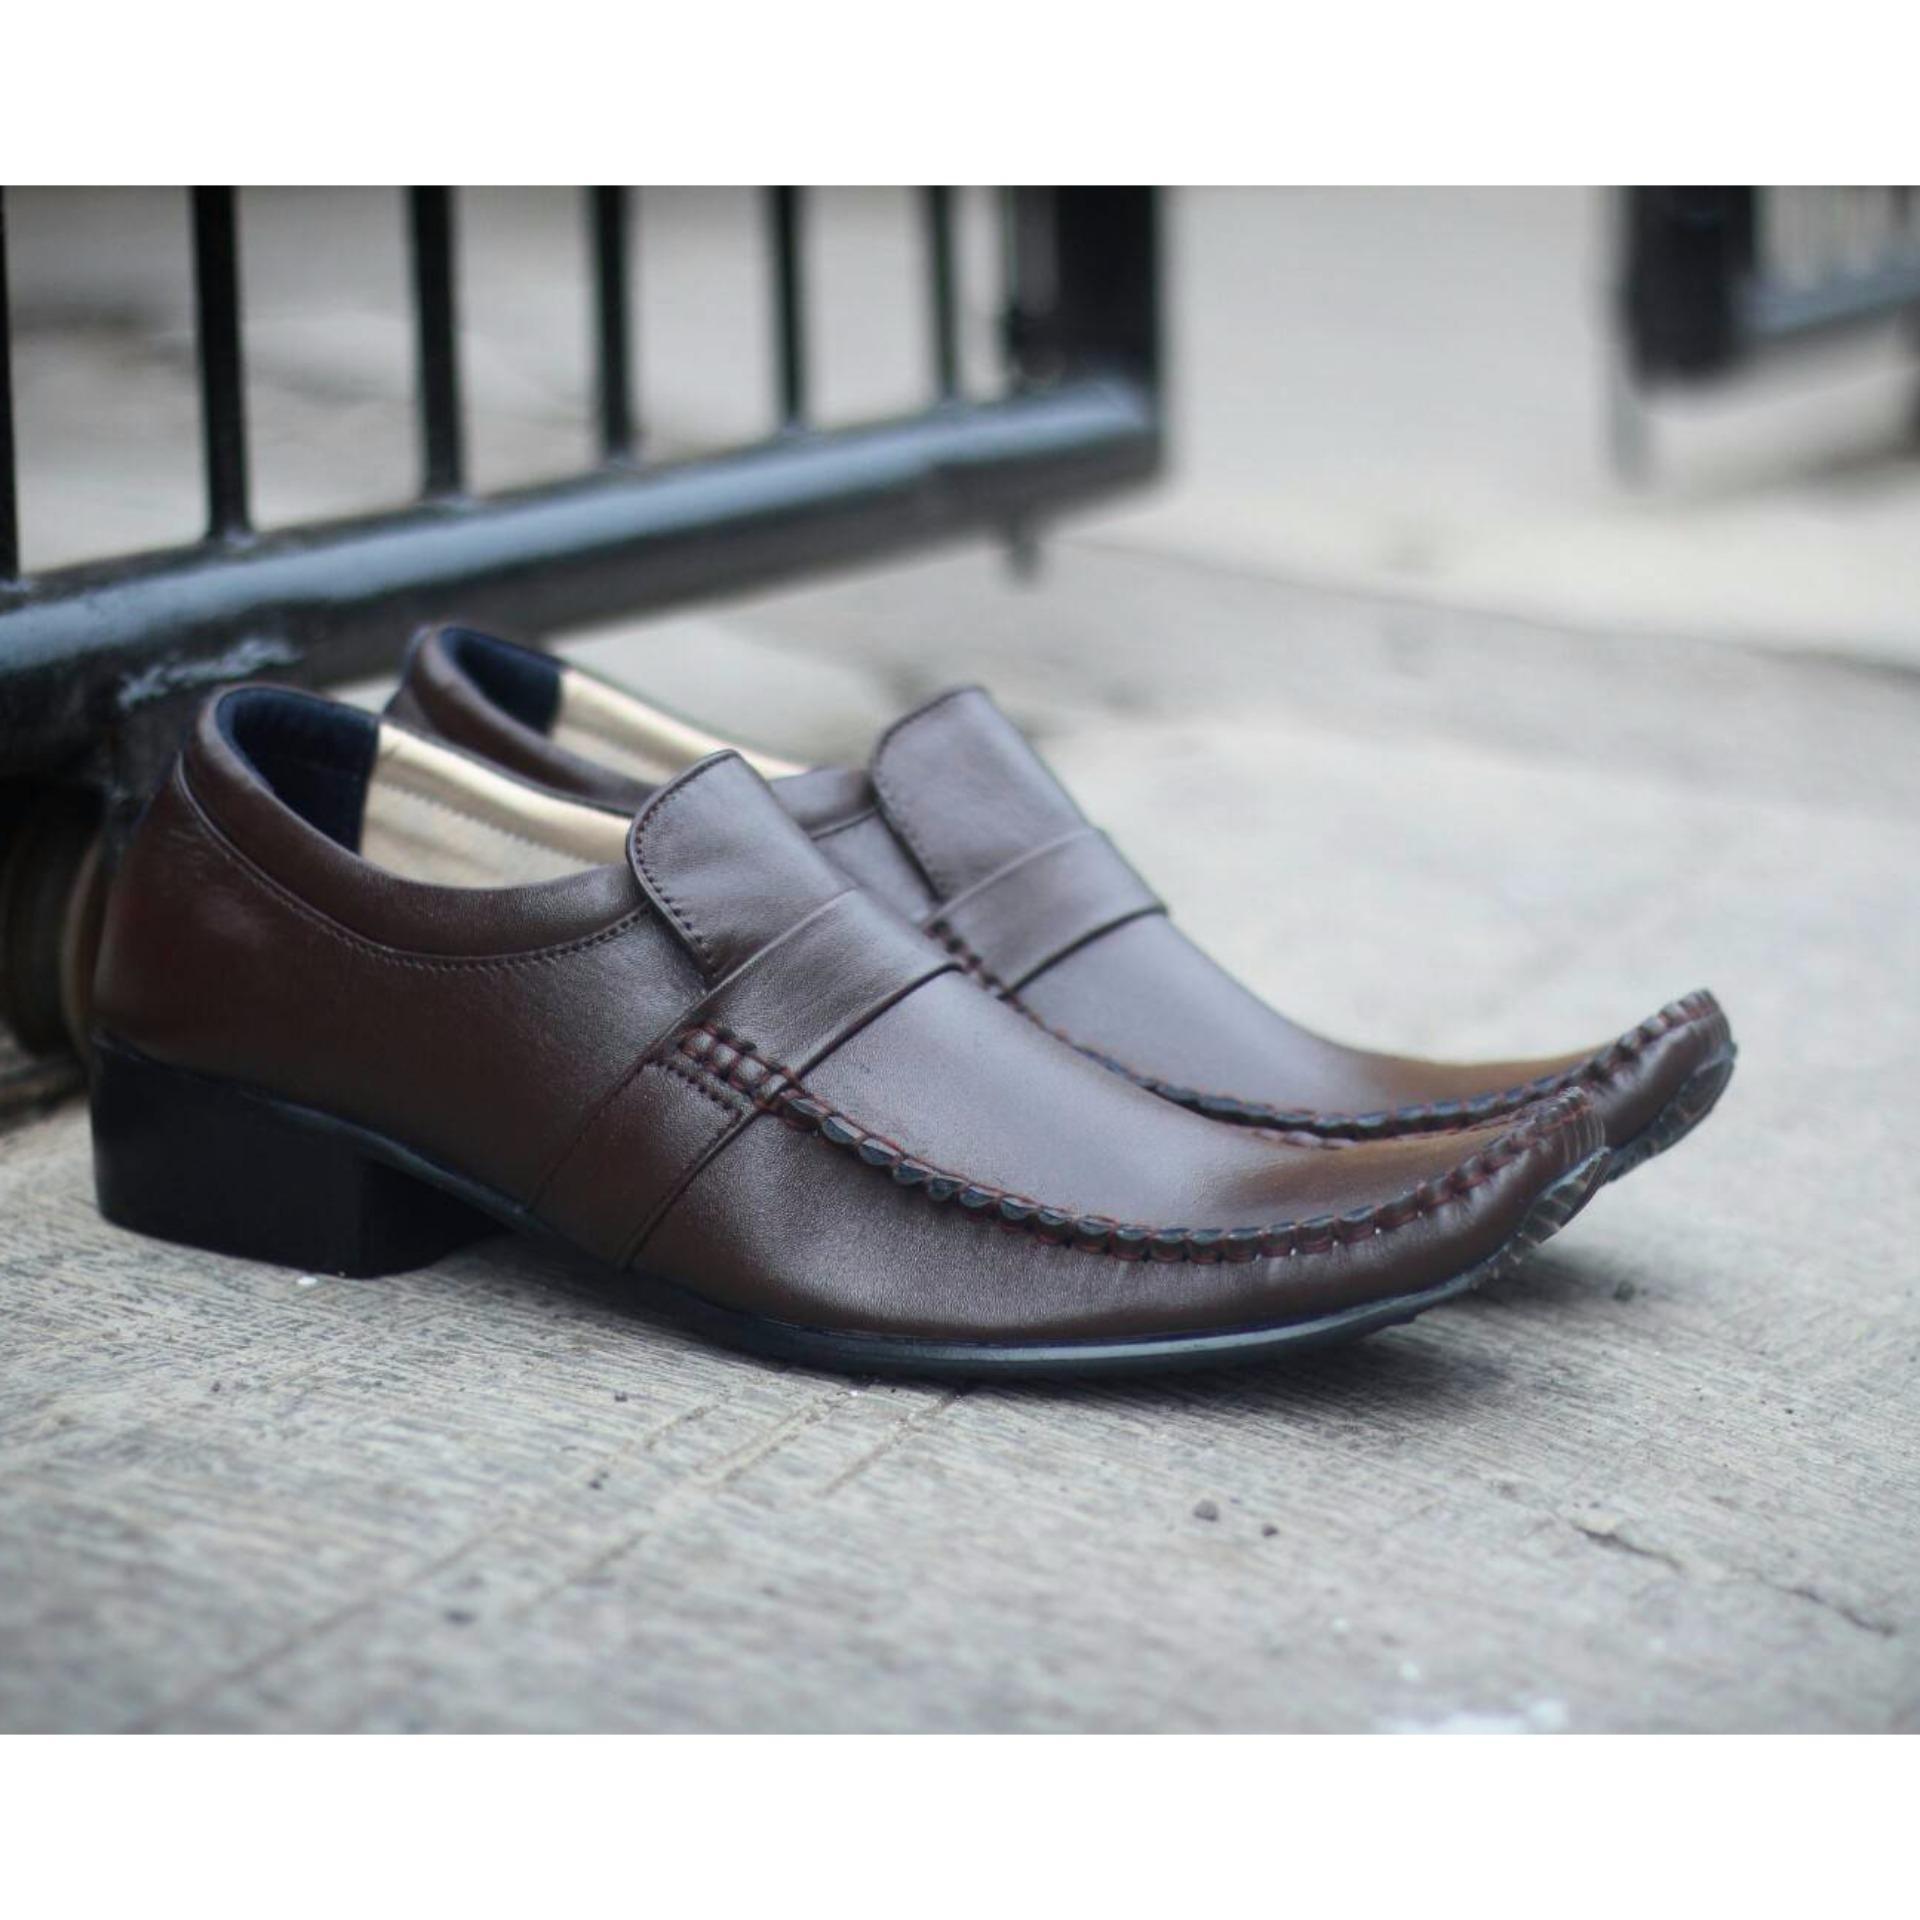 Sepatu Pantopel Kulit Asli Formal Cevany Pantofel Badami Mrj Putih Pria